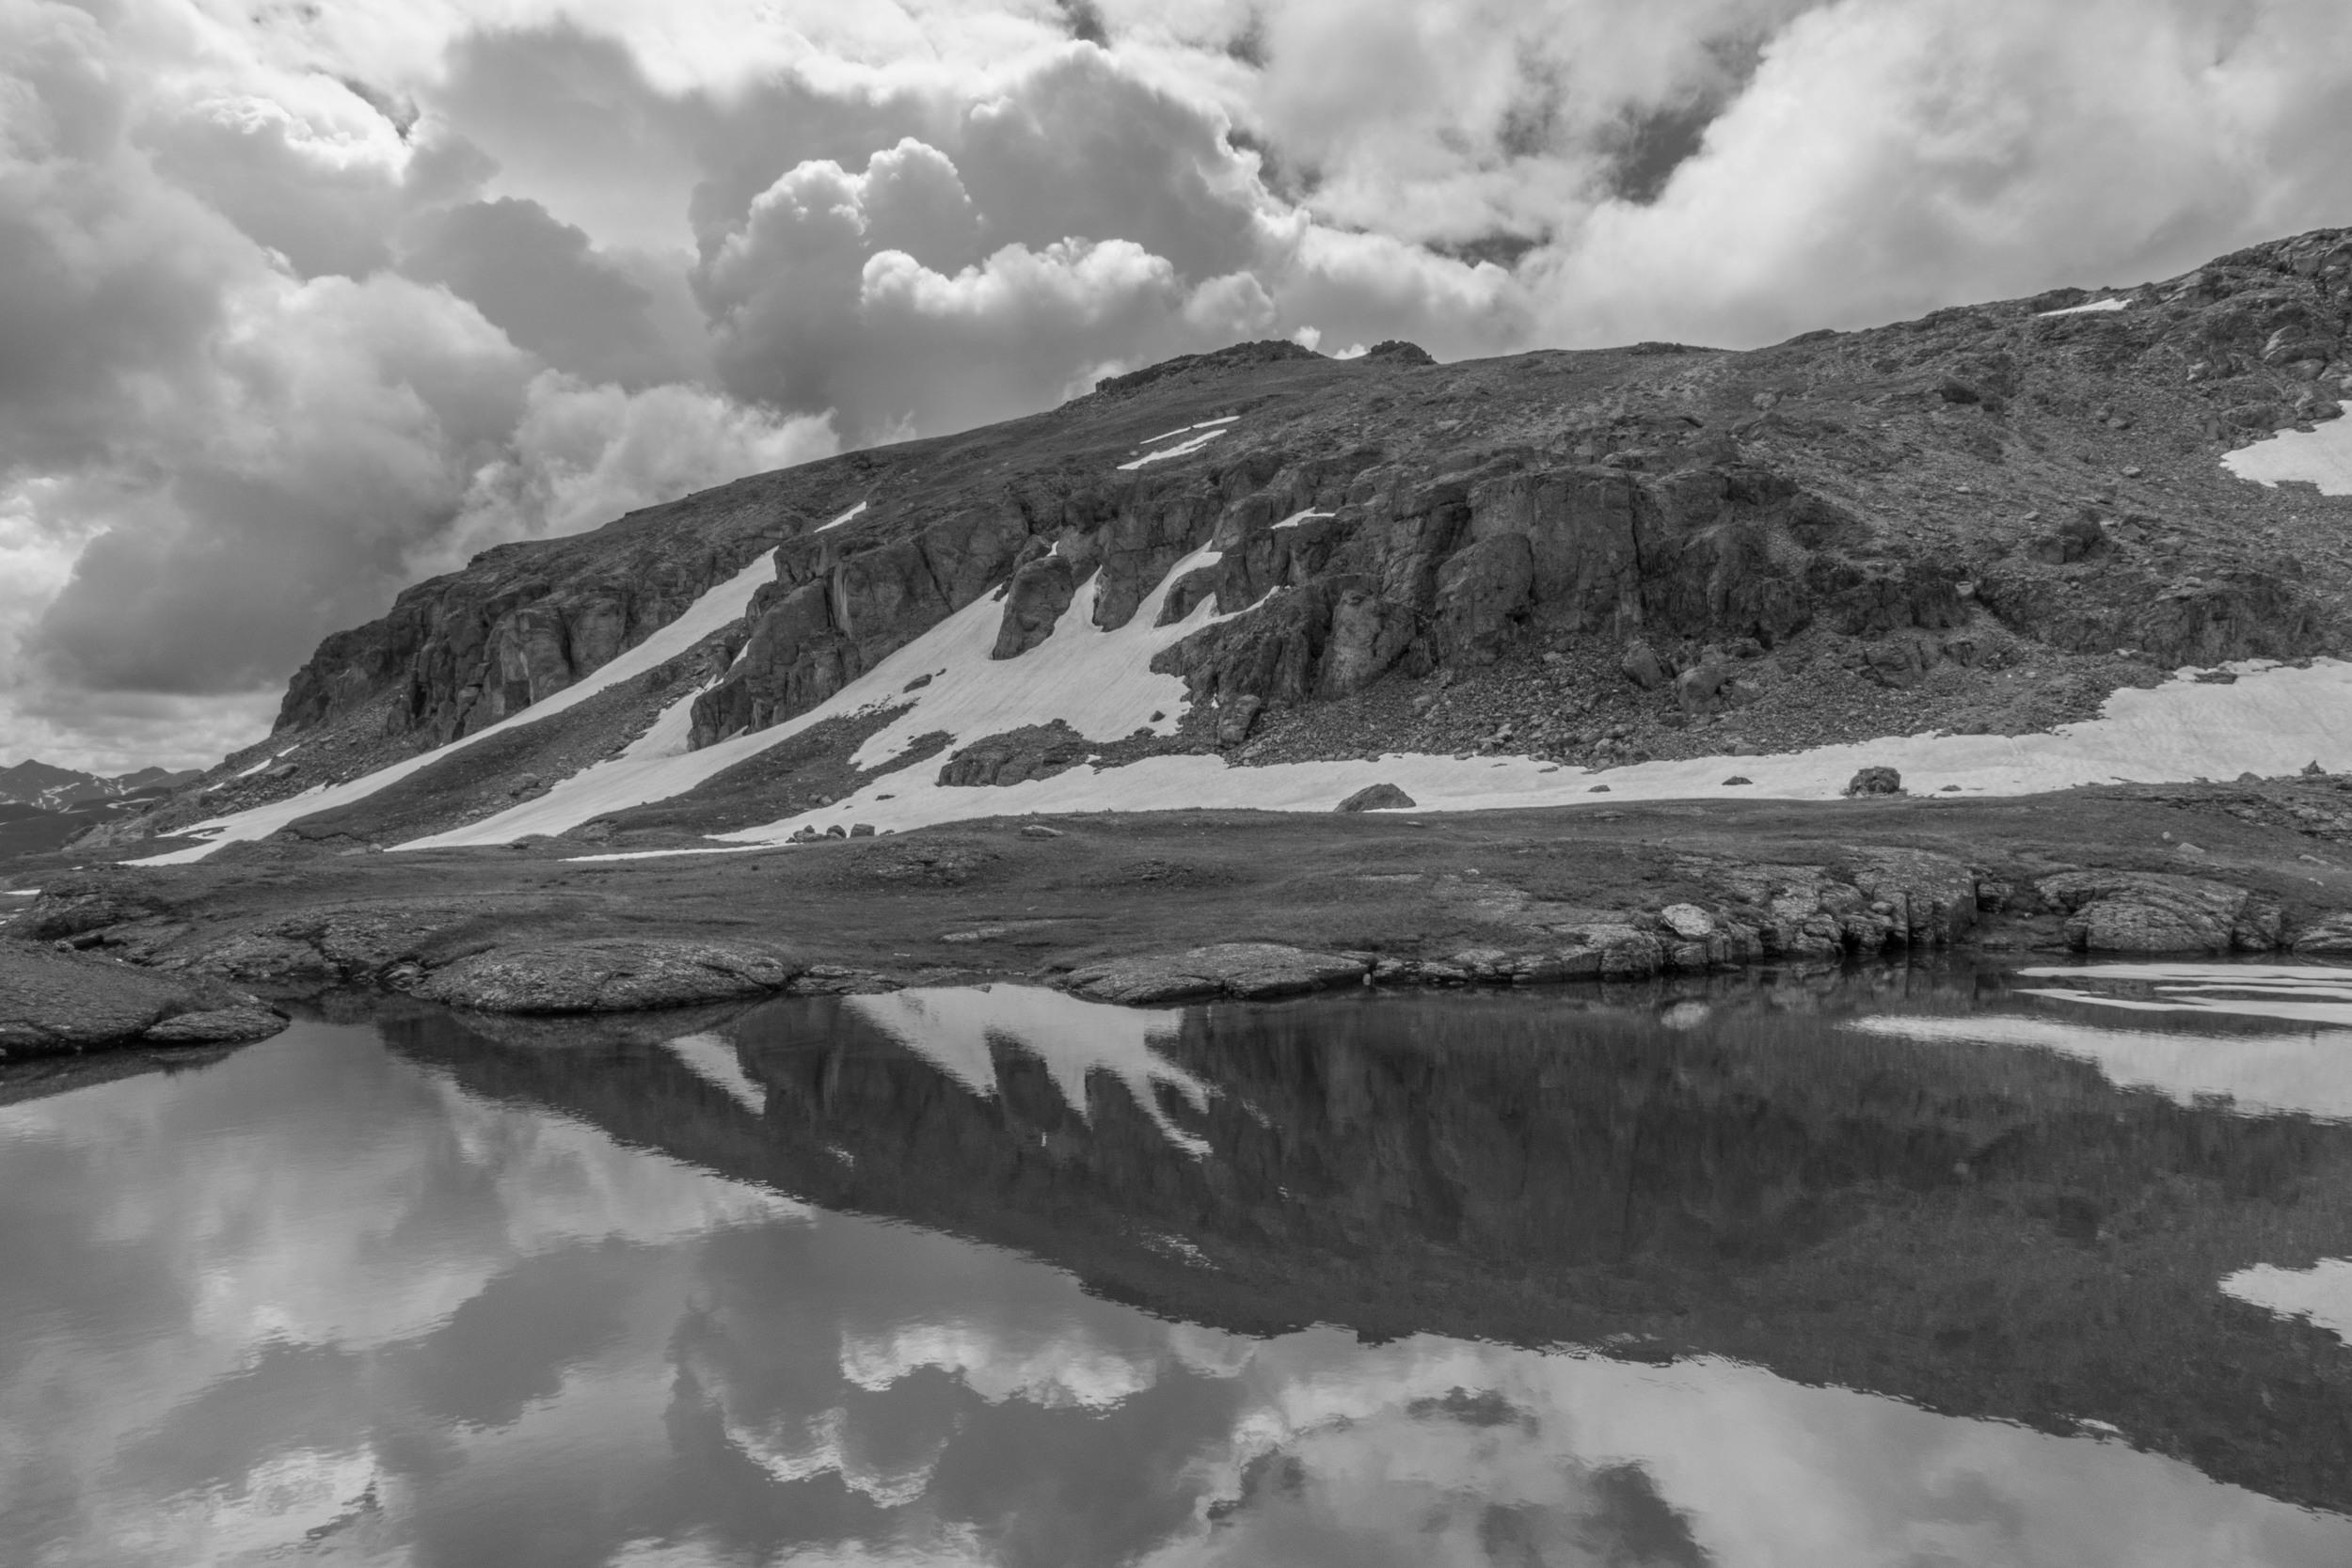 Bullion King Lake Reflection, Image #5813